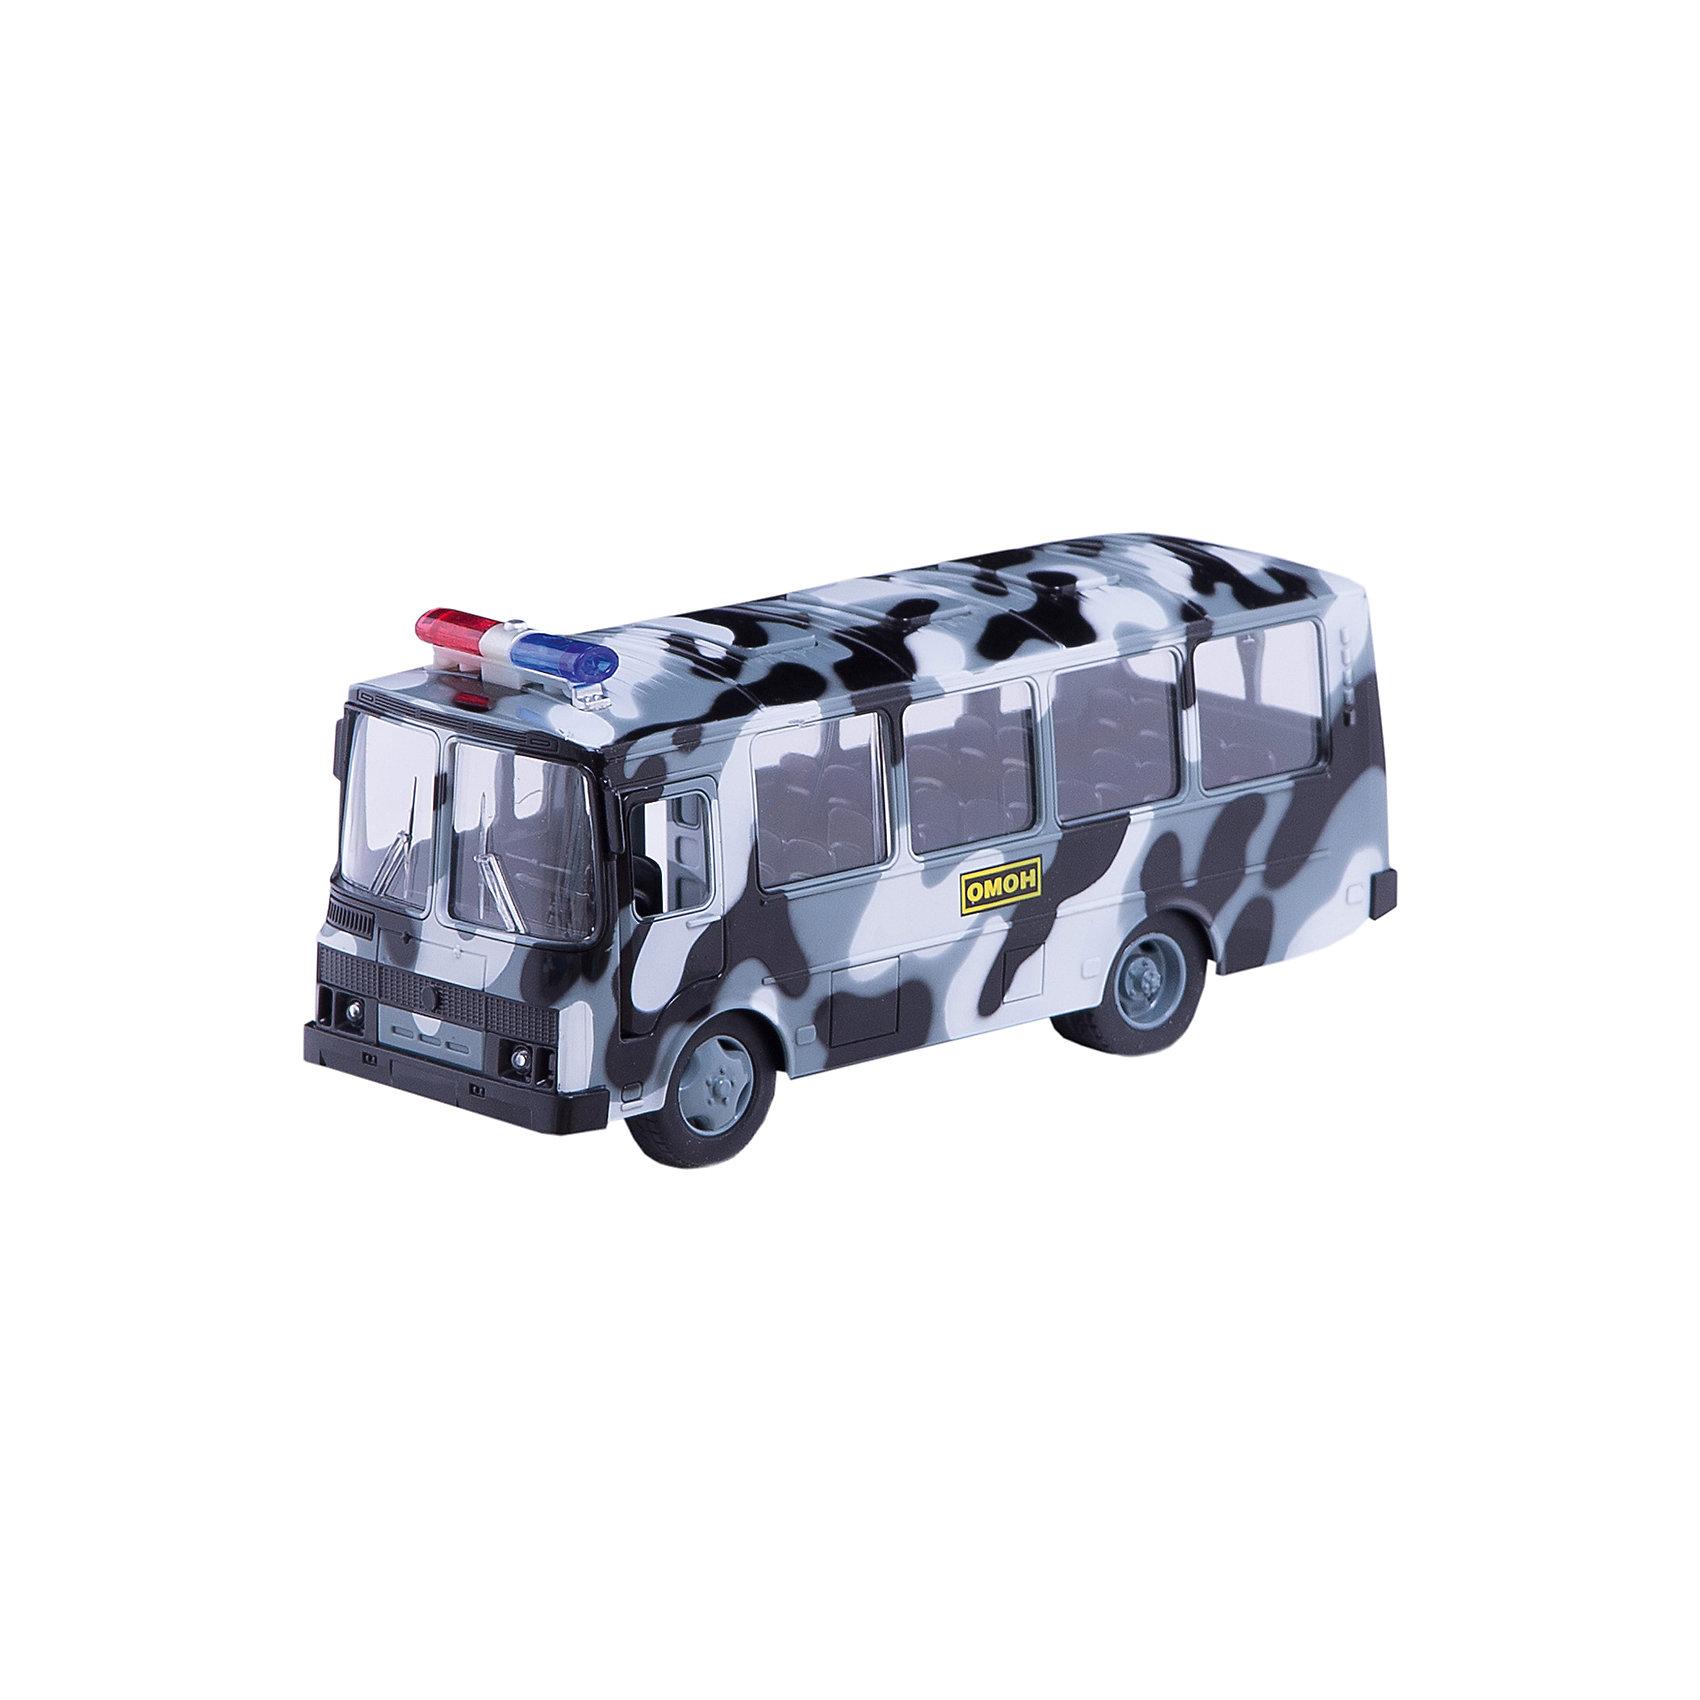 Автобус пластиковый ПАЗ Омон, ТехнопаркВоенный транспорт<br>Характеристики товара:<br><br>• цвет: серый<br>• материал: пластик, металл <br>• размер: 11 x 15 x 25 см<br>• двери открываются<br>• упаковка: коробка<br>• звуковые эффекты<br>• световые эффекты<br>• хорошая детализация<br>• инерционный<br>• страна бренда: Российская Федерация<br>• страна производства: Китай<br><br>Такая хорошо детализированная машинка от российского бренда Технопарк станет отличным подарком мальчику. Она выглядит практически как настоящая, только уменьшенная в масштабе 1:43. У игрушки открываются двери и капот, она дополнена звуковыми и световыми эффектами. Машинка инерционная: если провезти её задним ходом и отпустить - она сама поедет вперед.<br>Игры с машинками позволяют ребенку не только весело проводить время, но и развивать важные навыки: мелкую моторику, воображение, логику, мышление. Изделие произведено из сертифицированных материалов, безопасных для детей.<br><br>Автобус пластиковый ПАЗ Омон от бренда ТЕХНОПАРК можно купить в нашем интернет-магазине.<br><br>Ширина мм: 110<br>Глубина мм: 150<br>Высота мм: 250<br>Вес г: 420<br>Возраст от месяцев: 36<br>Возраст до месяцев: 108<br>Пол: Мужской<br>Возраст: Детский<br>SKU: 5099060